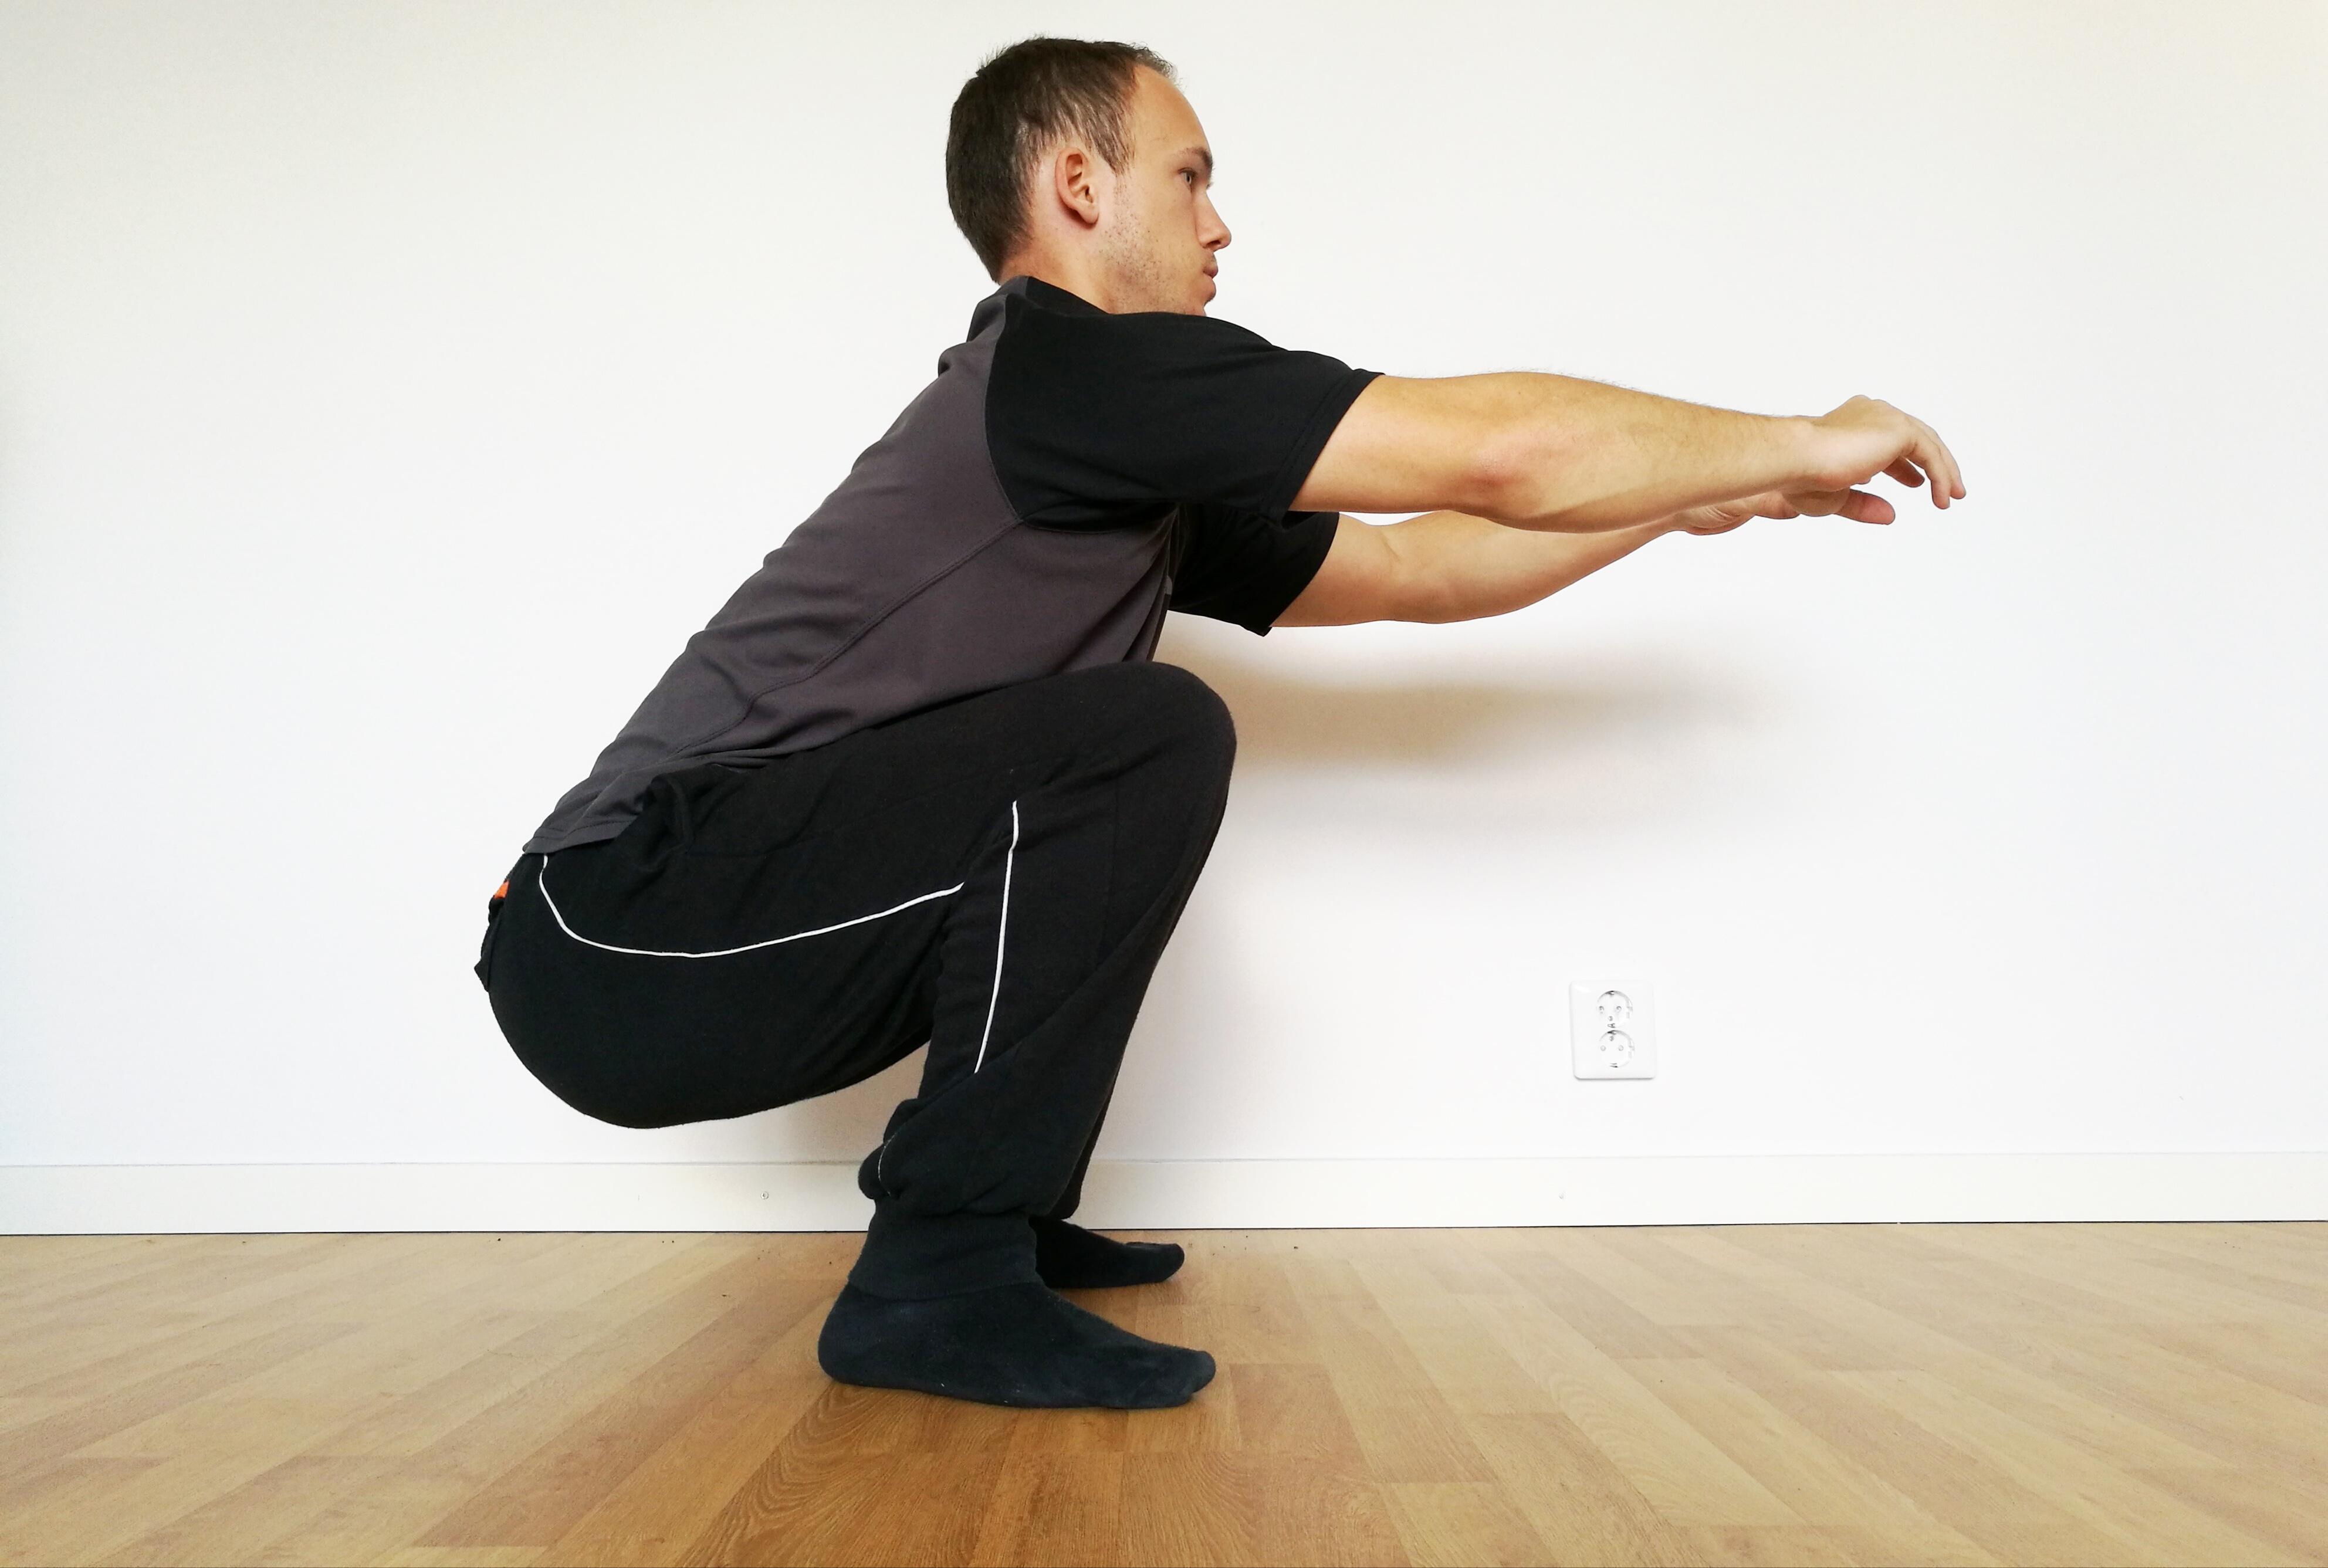 calisthenics lätta övningar knäböj squats